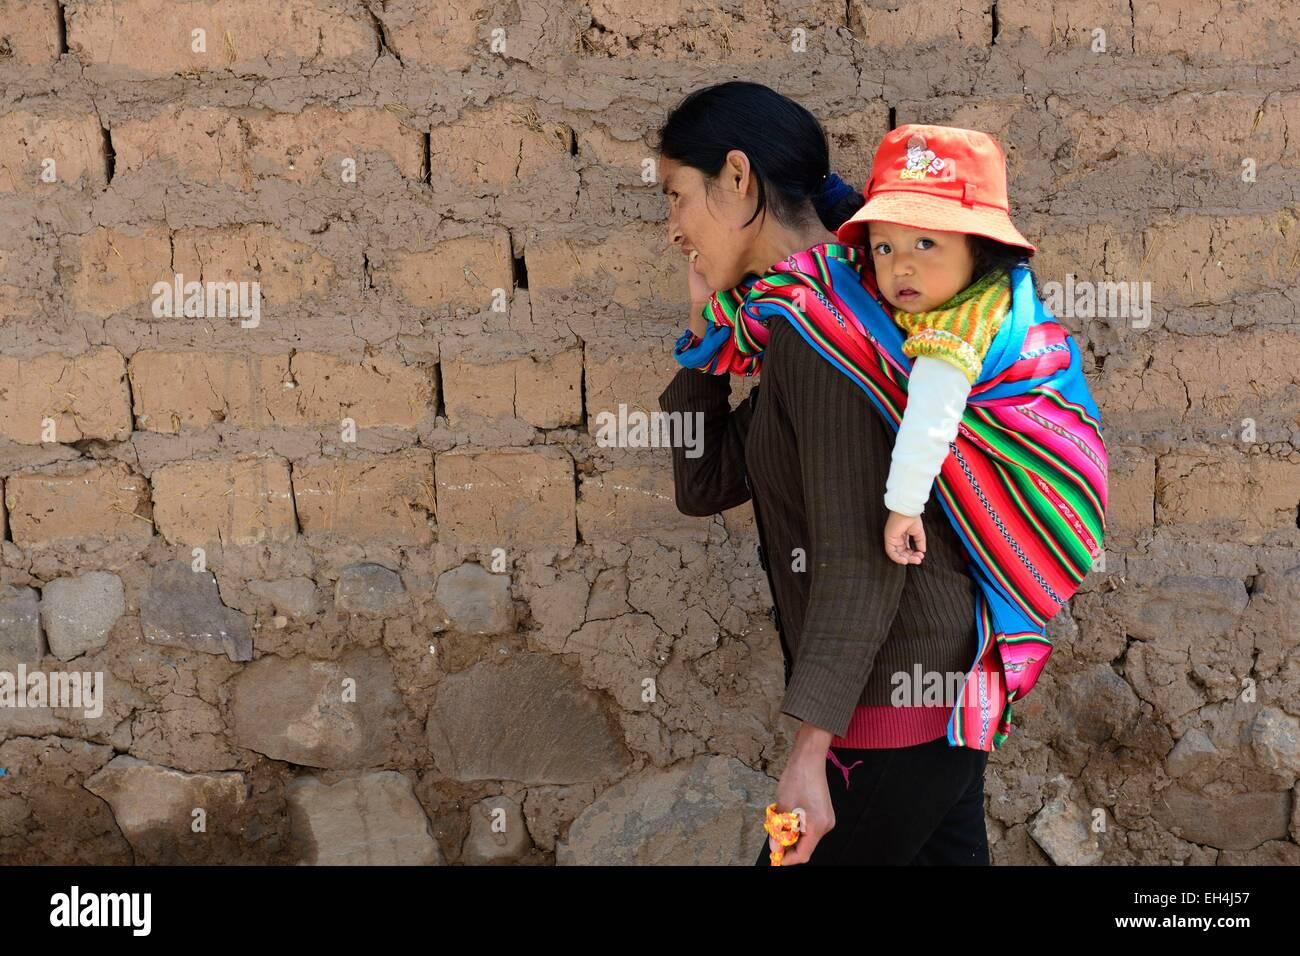 Perú, provincia de Cuzco, Cuzco, catalogada como Patrimonio de la Humanidad por la UNESCO, peruana y su hija Imagen De Stock